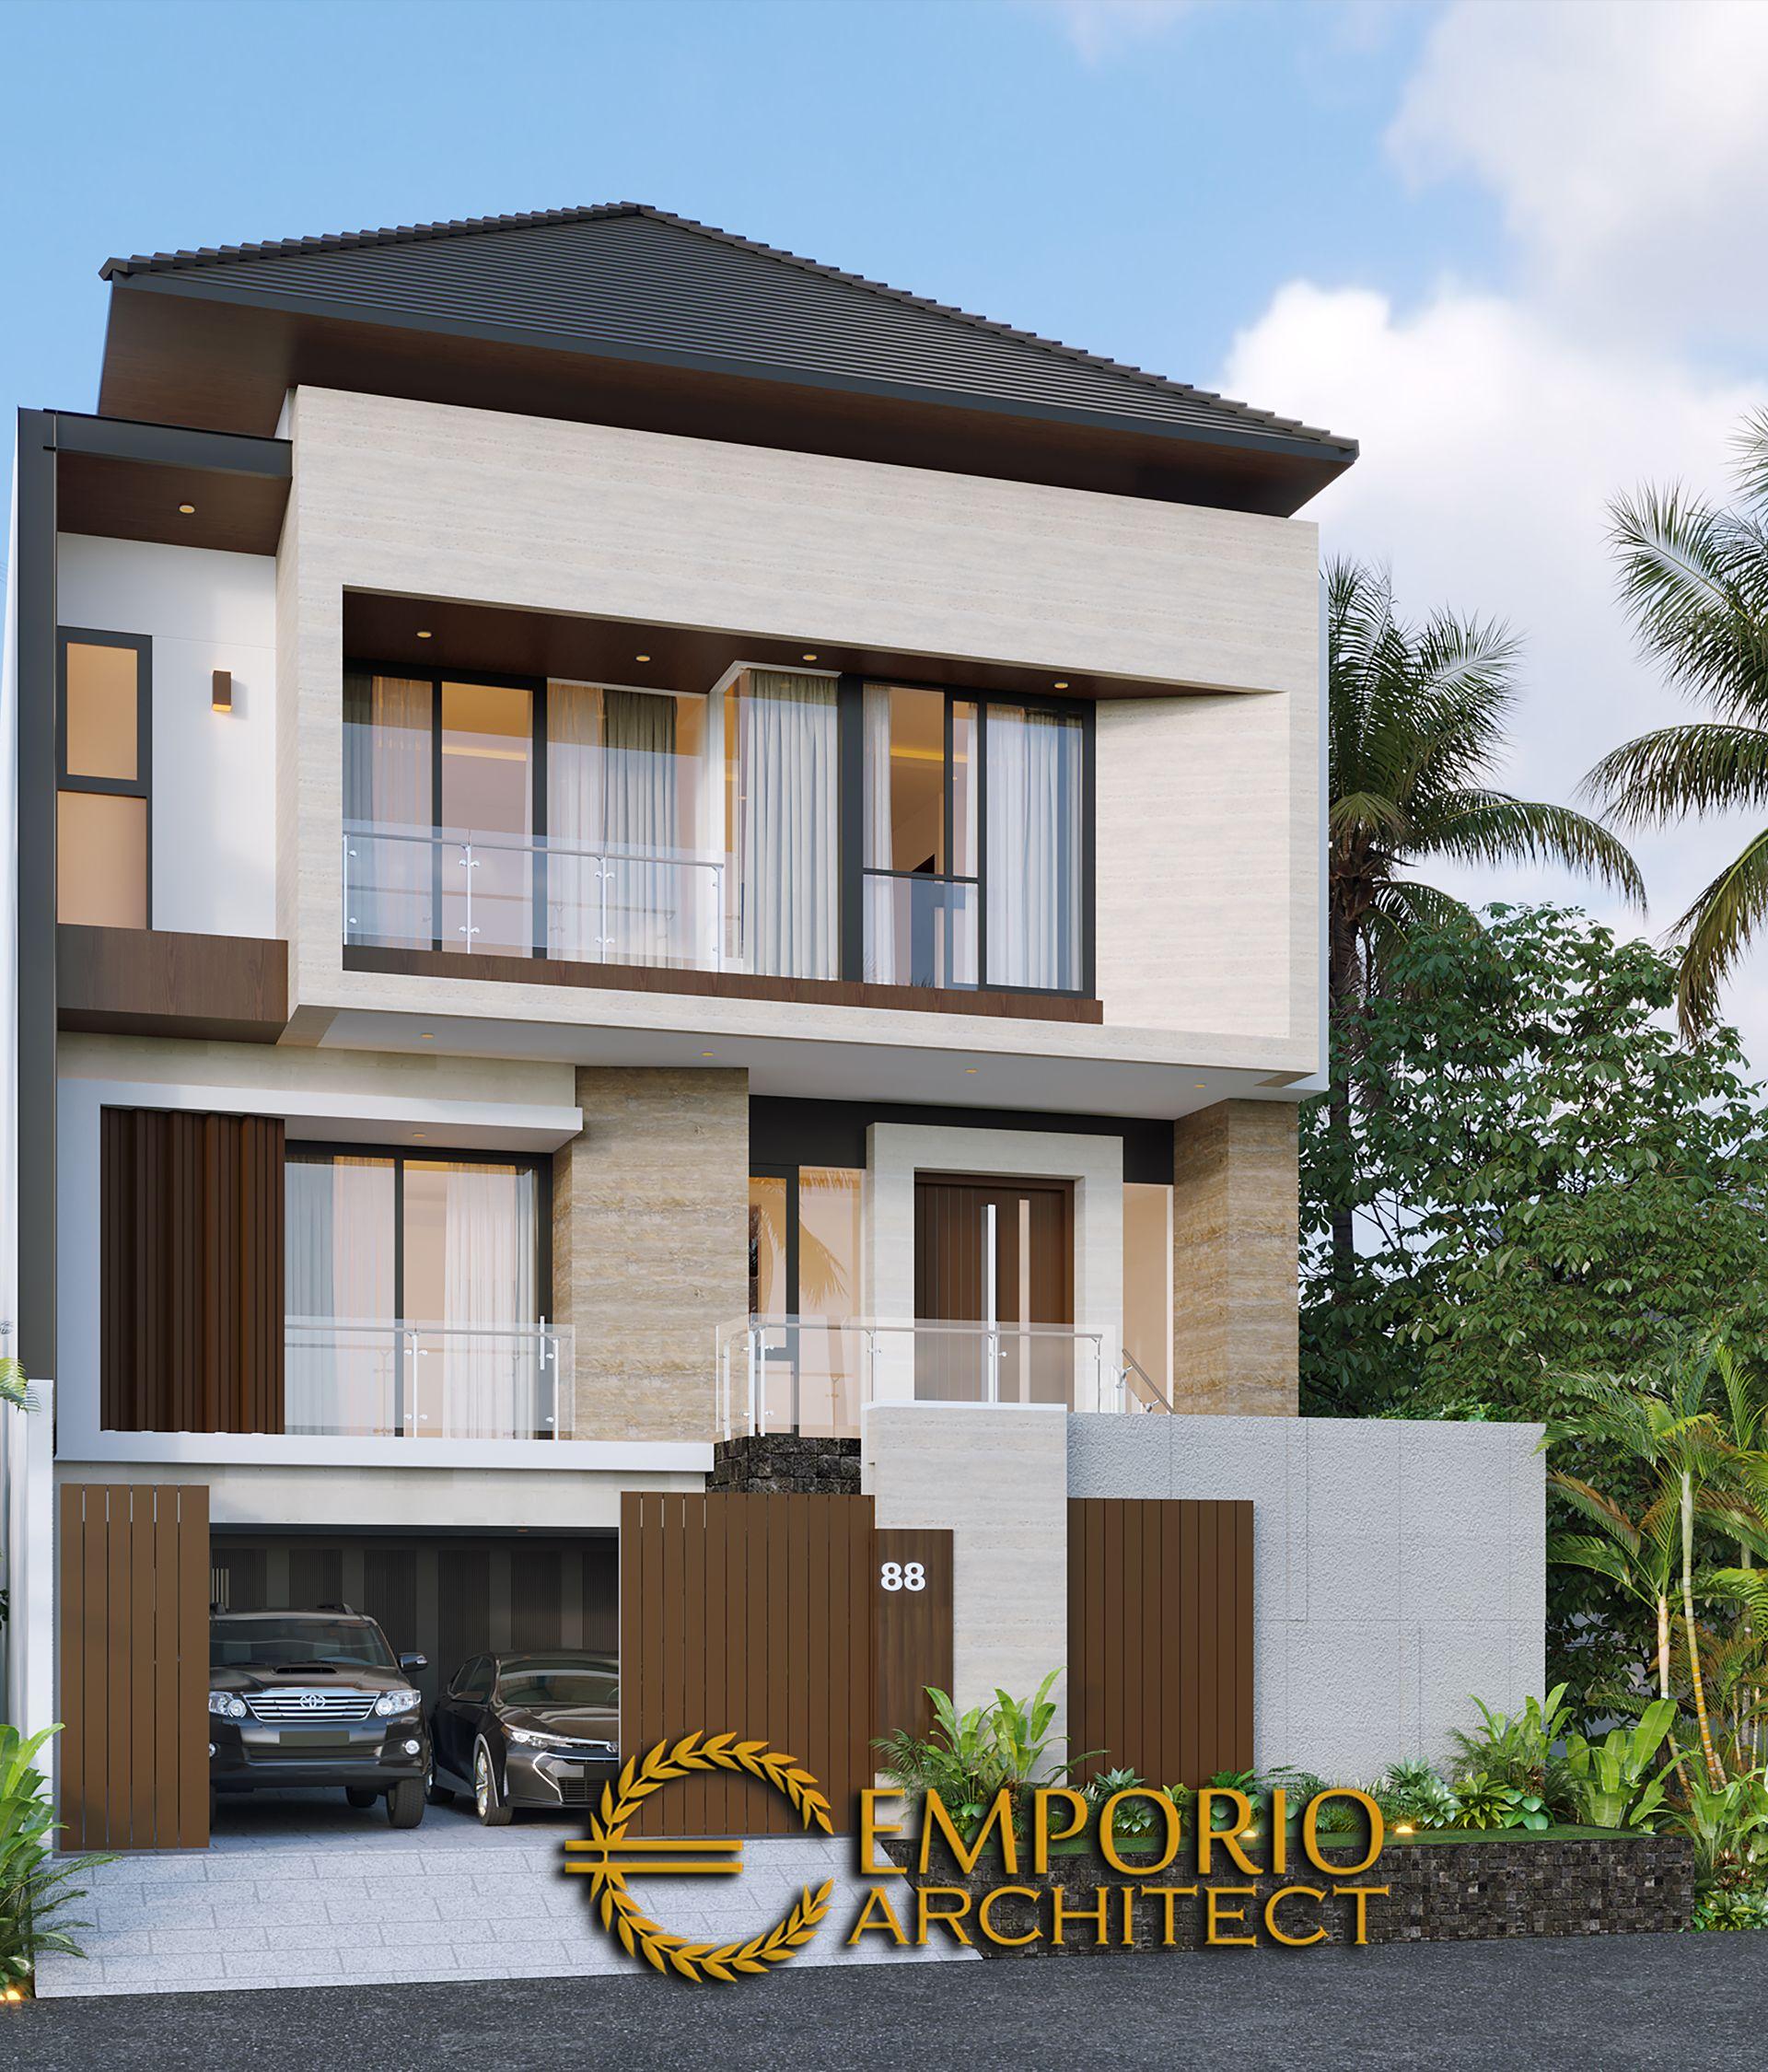 Mr Liu Ii Modern House 3 Floors Design Jakarta Barat Desain Eksterior Rumah Rumah Modern Desain Rumah Modern